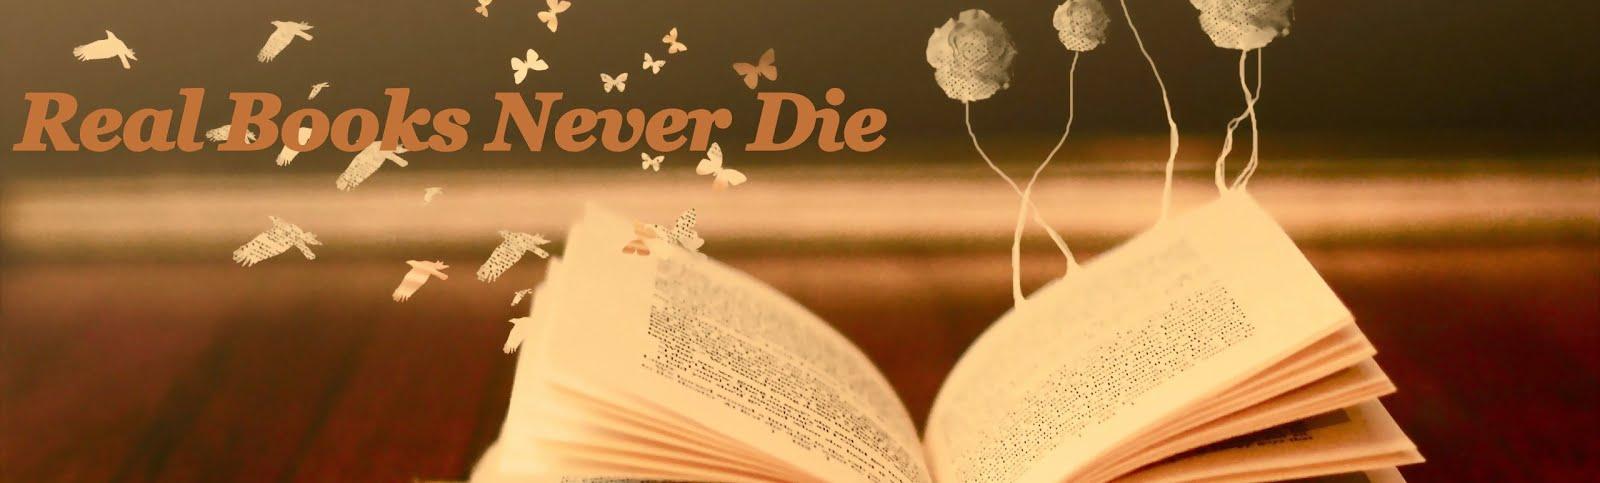 RealBooksNeverDie